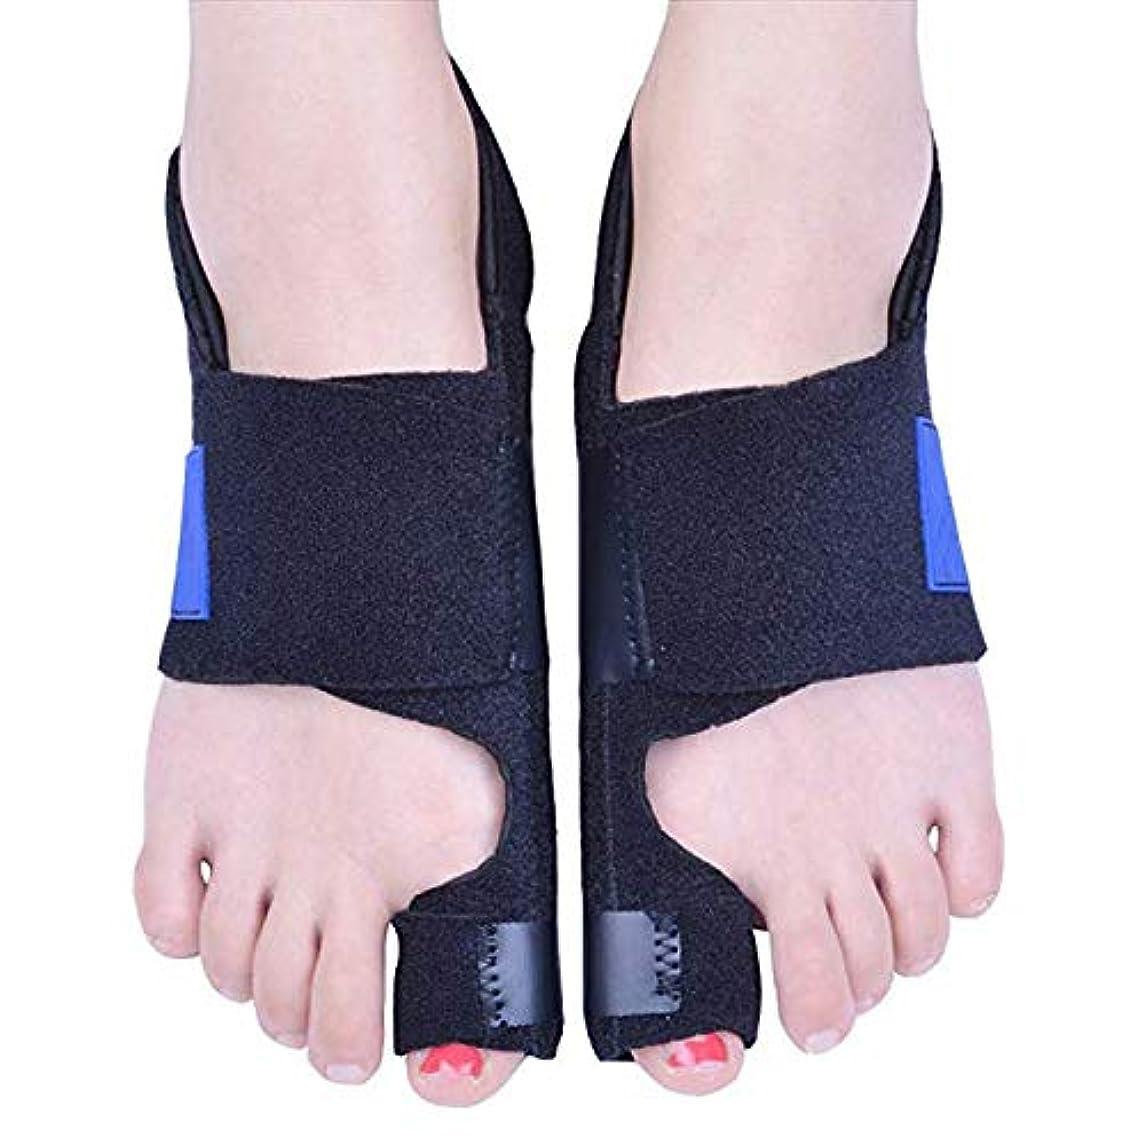 割り当てる従順な個性腰部の足のアライナーと腱膜瘤の救済、女性と男性の整形外科の足の親指の矯正、昼と夜のサポート、外反母ofの治療と予防,Black